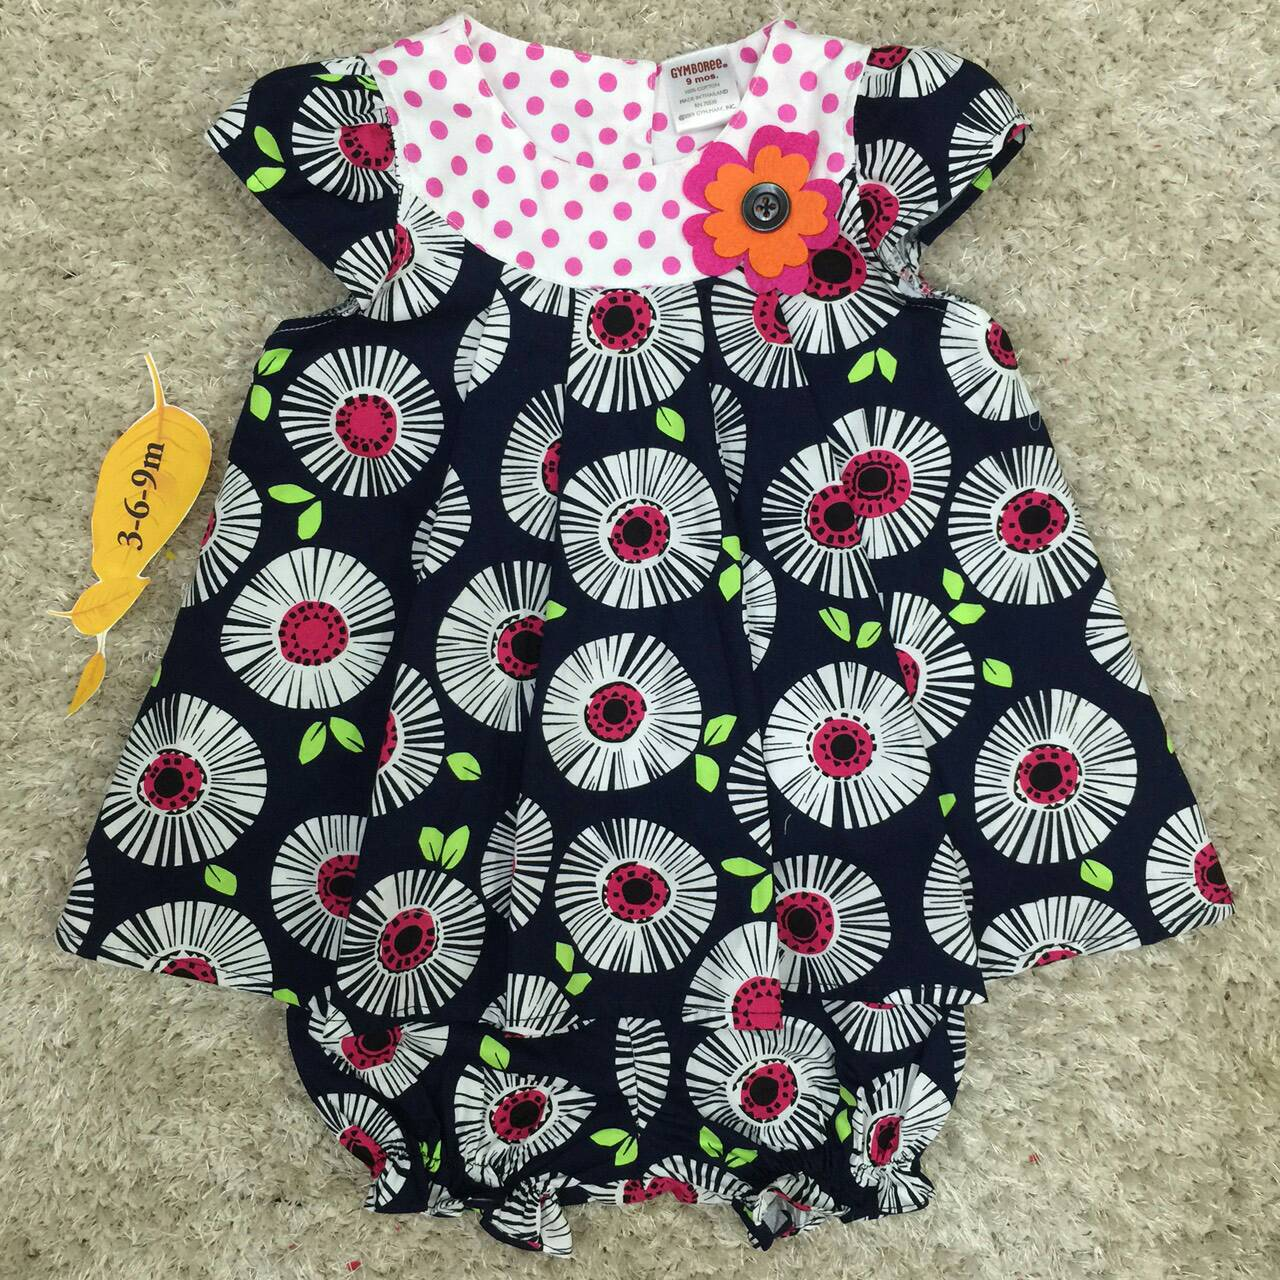 เสื้อผ้าเด็ก (พร้อมส่ง!!) 170460-2